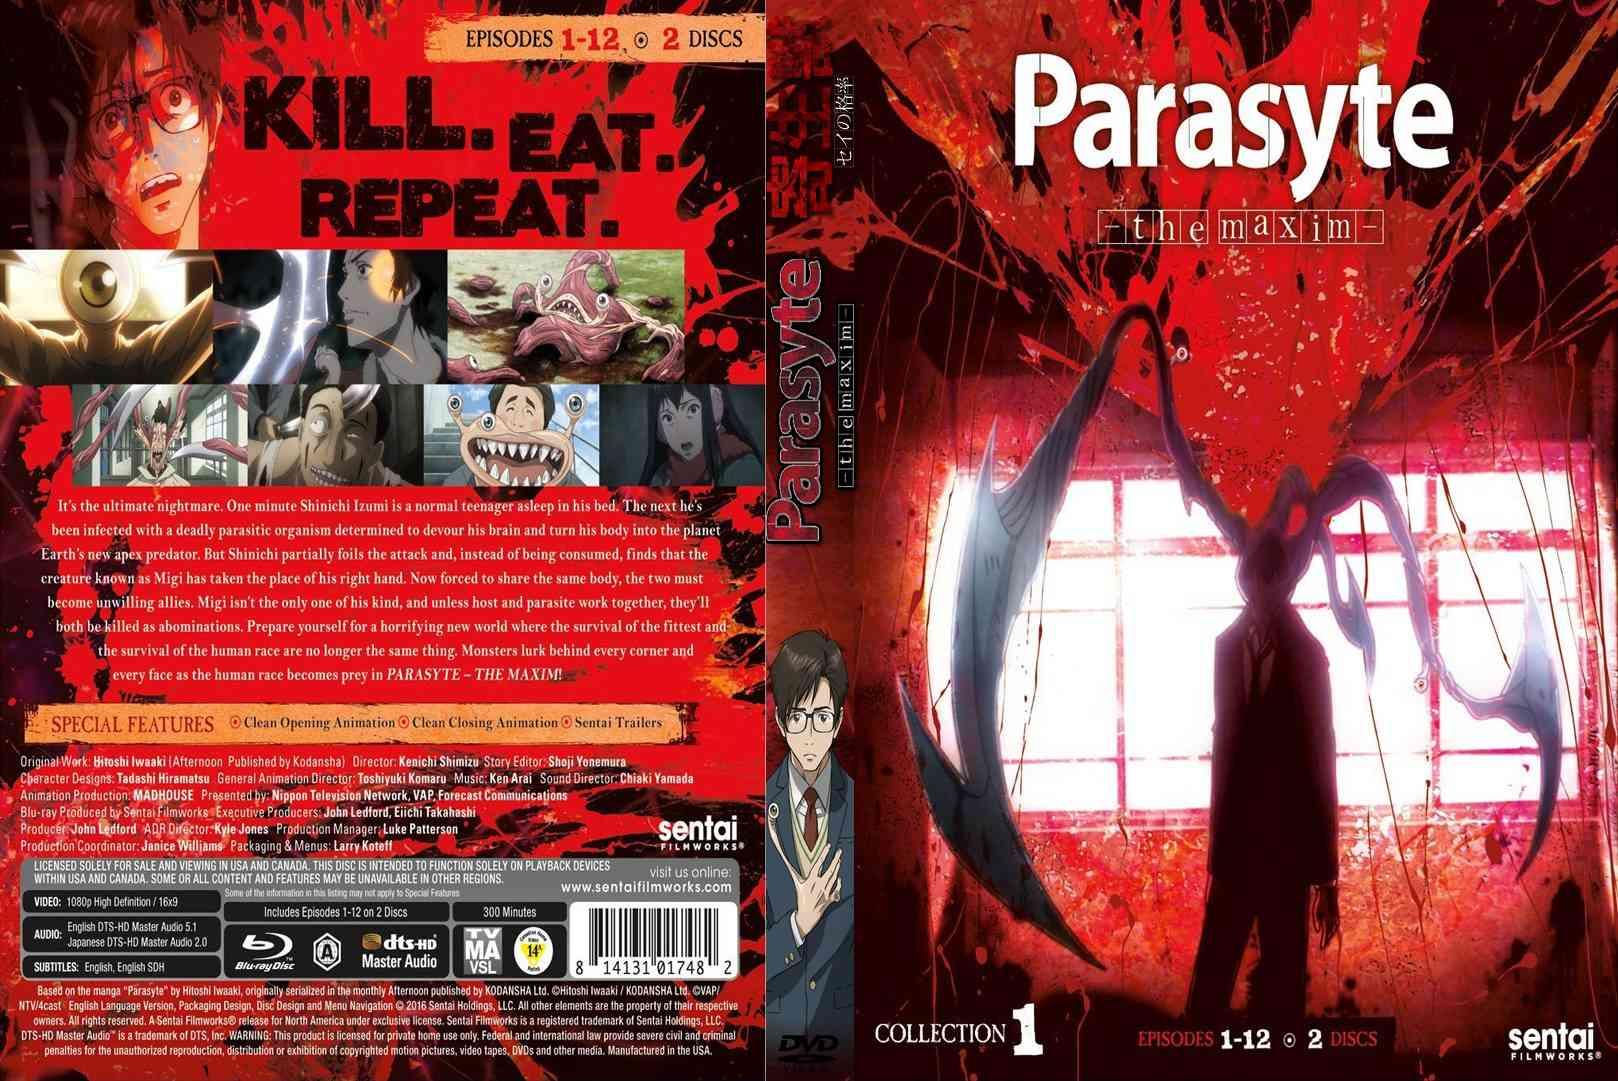 Caratula-COVER | Parasyte en DVD COMPLETA Parasy11